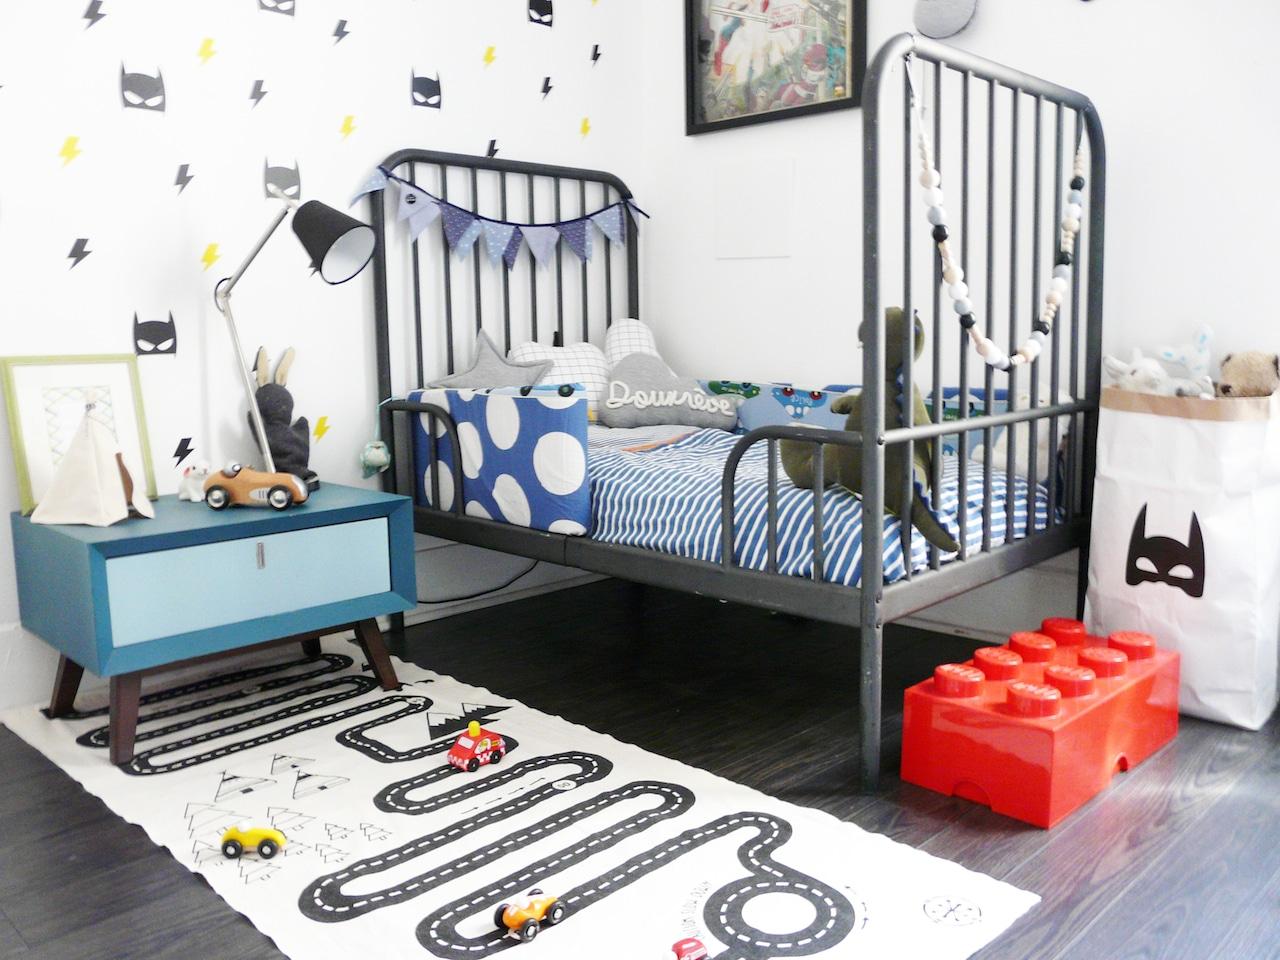 Chambre d'enfant décorée sur le thème Superhéros avec un tapis piste de course de voiture, des stickers muraux et un mot en tricotin